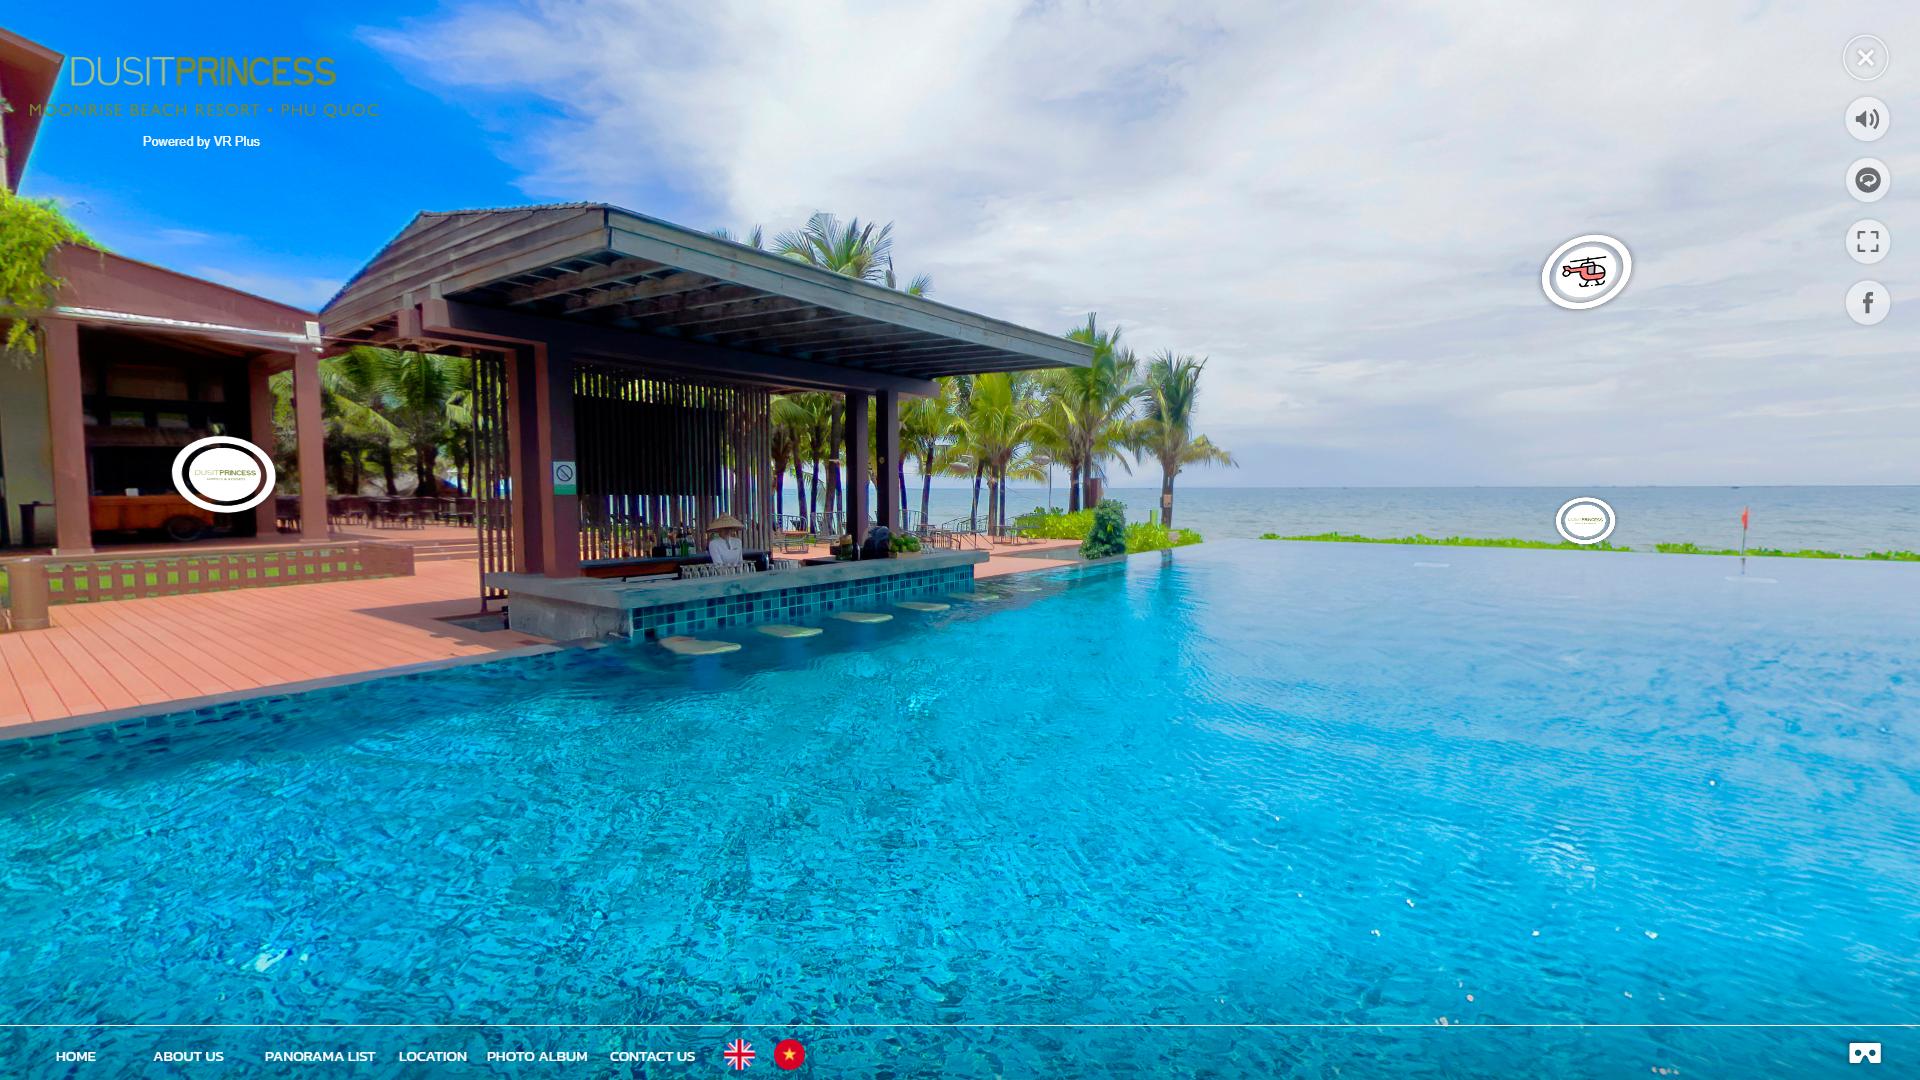 Resort virtual tour